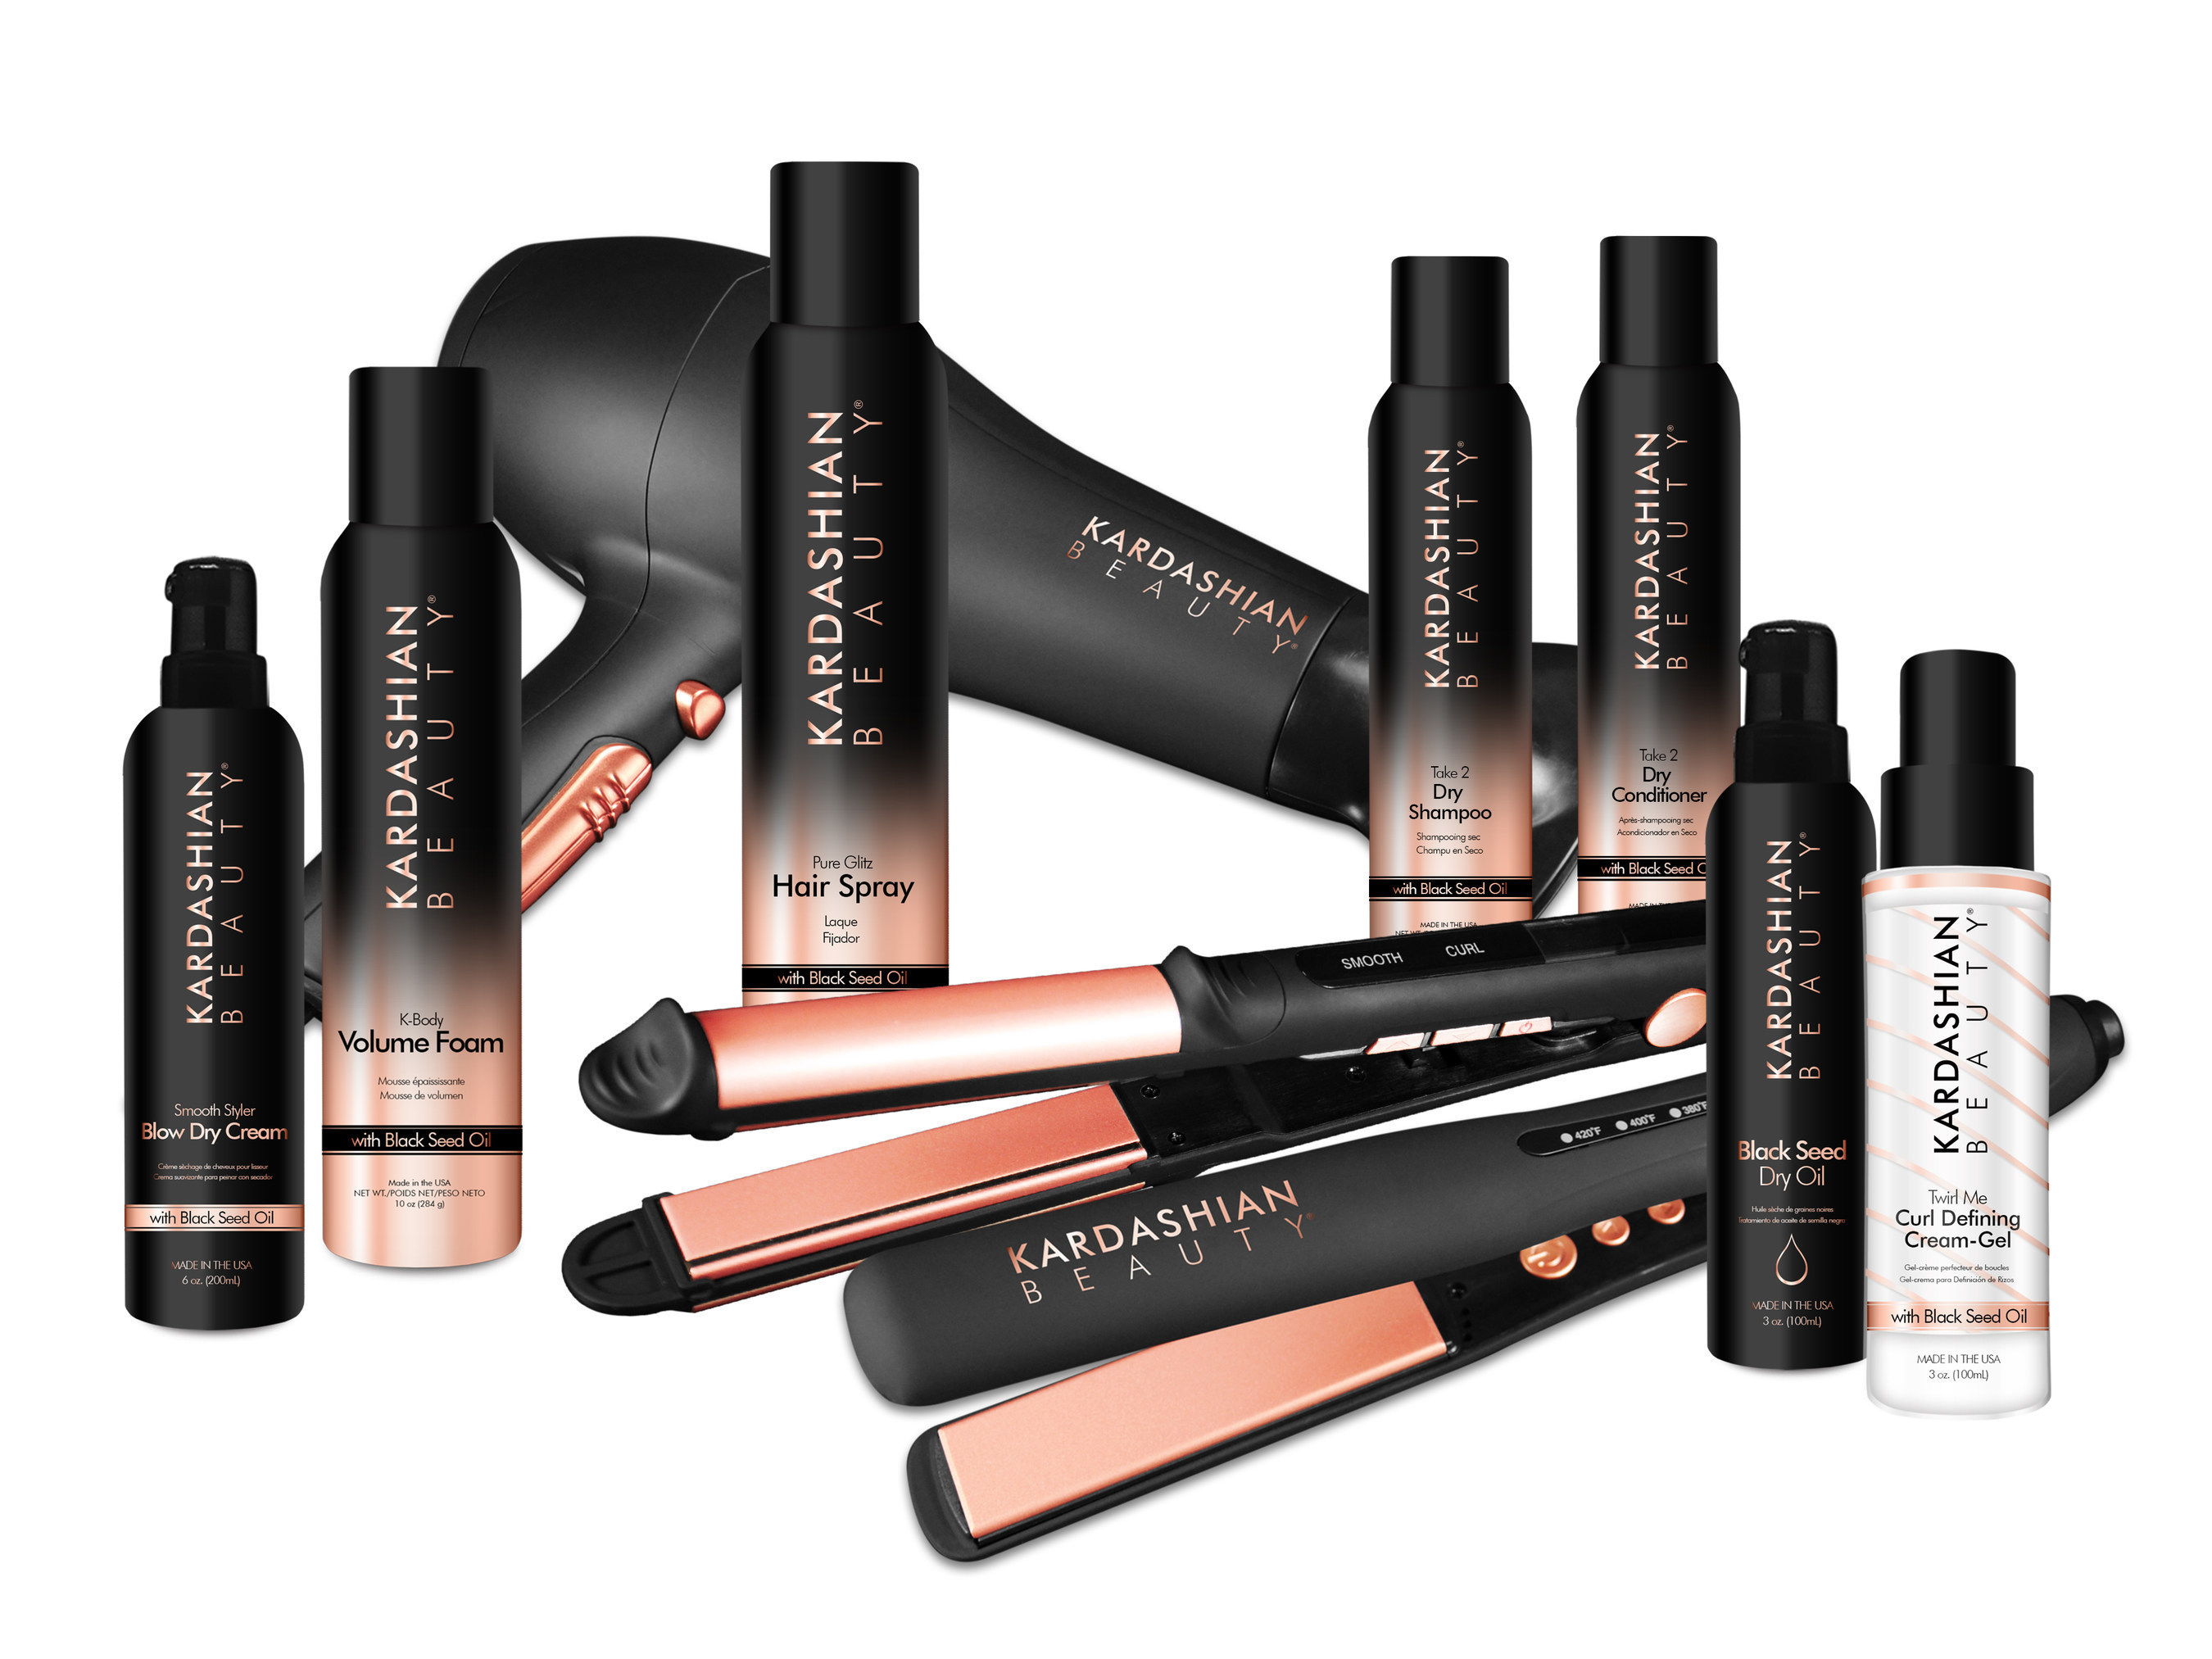 Kardashian Beauty, courtesy of Farouk Systems, Inc. (PRNewsFoto/Farouk Systems, Inc.)